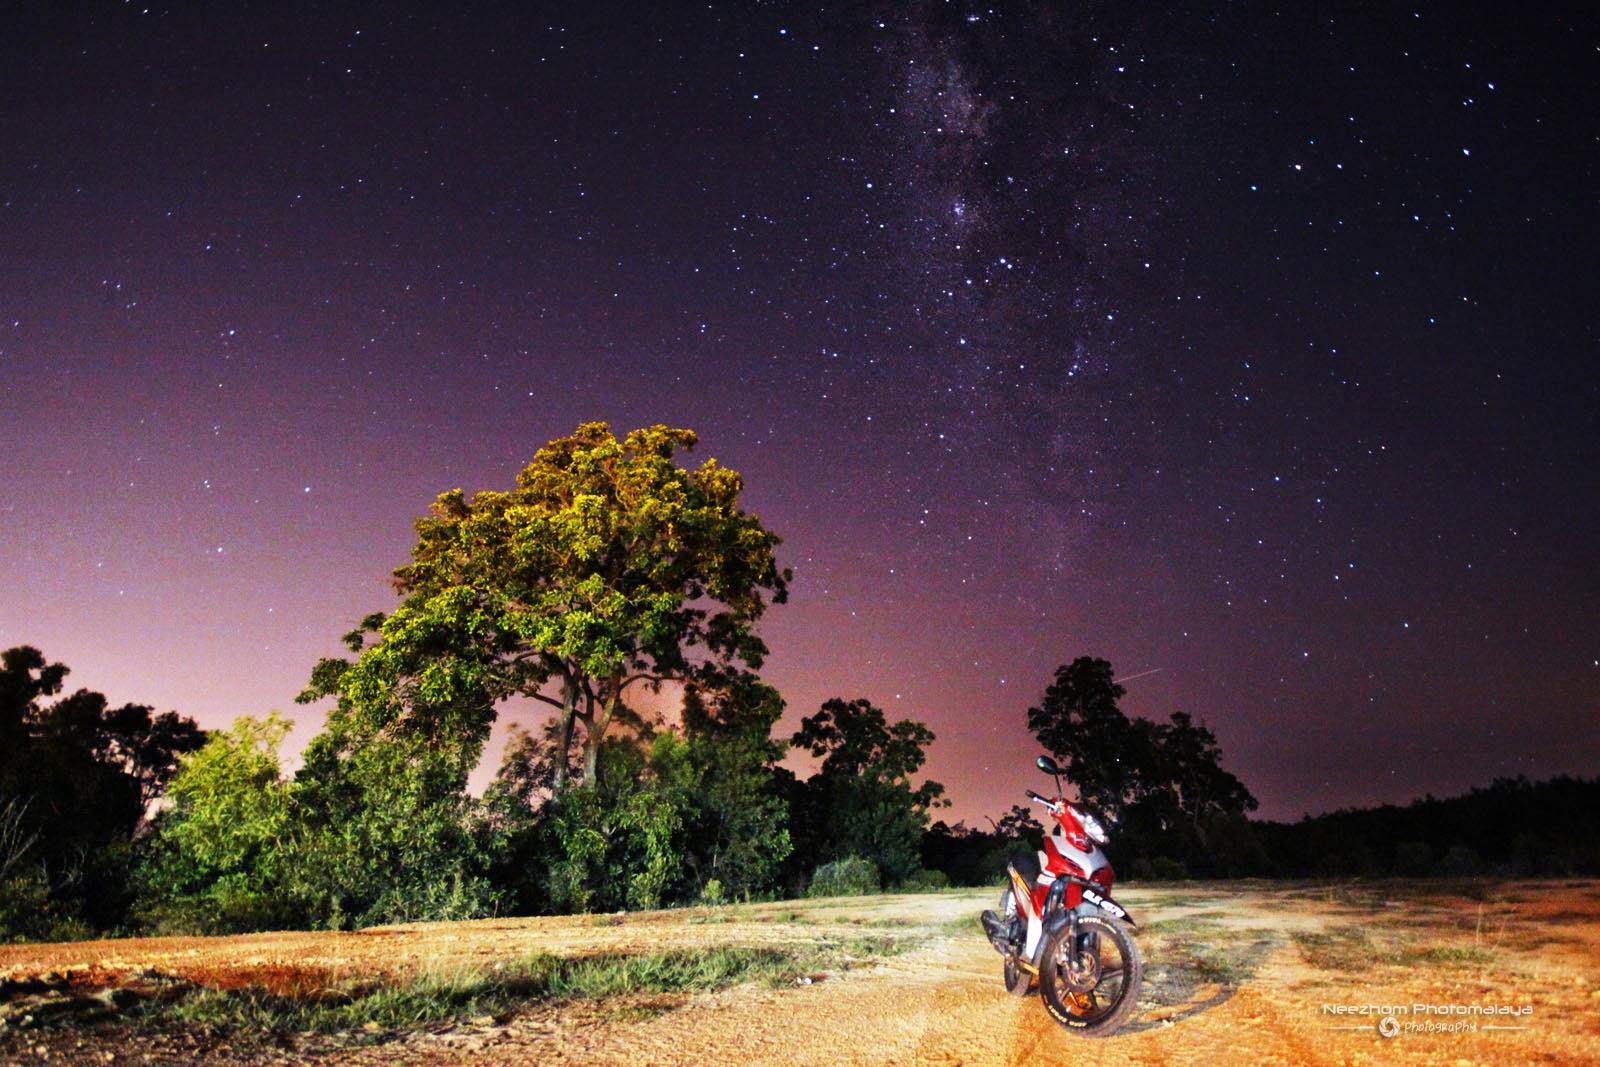 Milky Way di kampung Tepoh, Kuala Terengganu